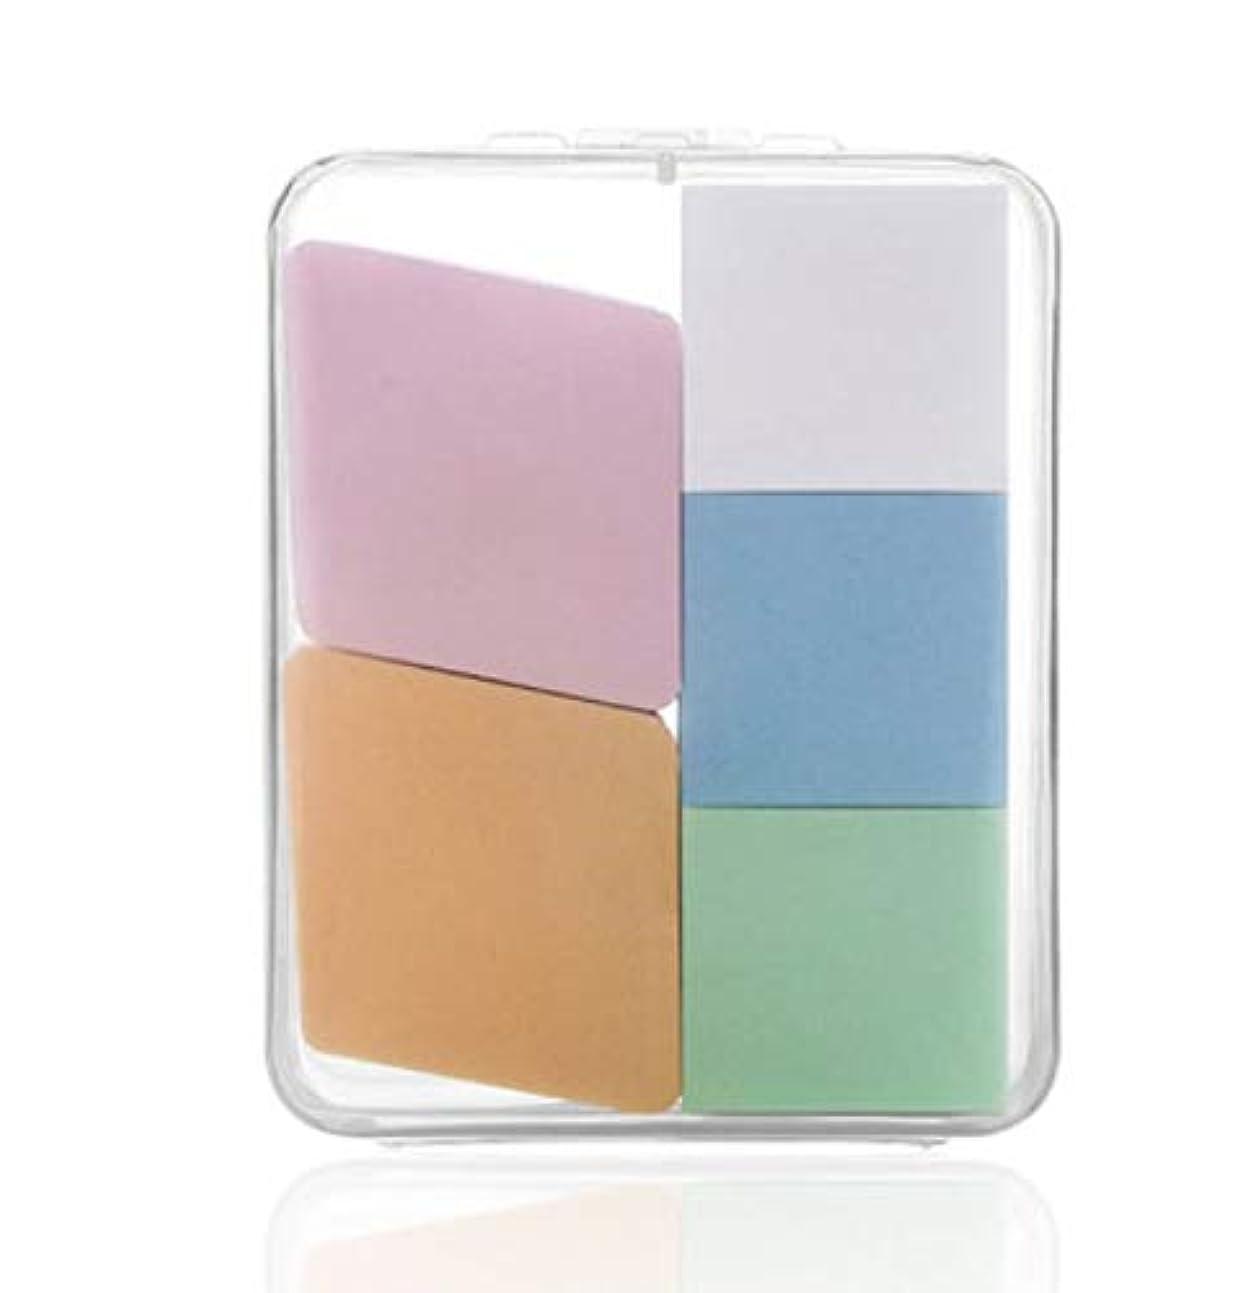 振るトロリーバスカフェテリア美容スポンジ、収納ボックス付きソフト化粧スポンジ美容メイク卵5パック